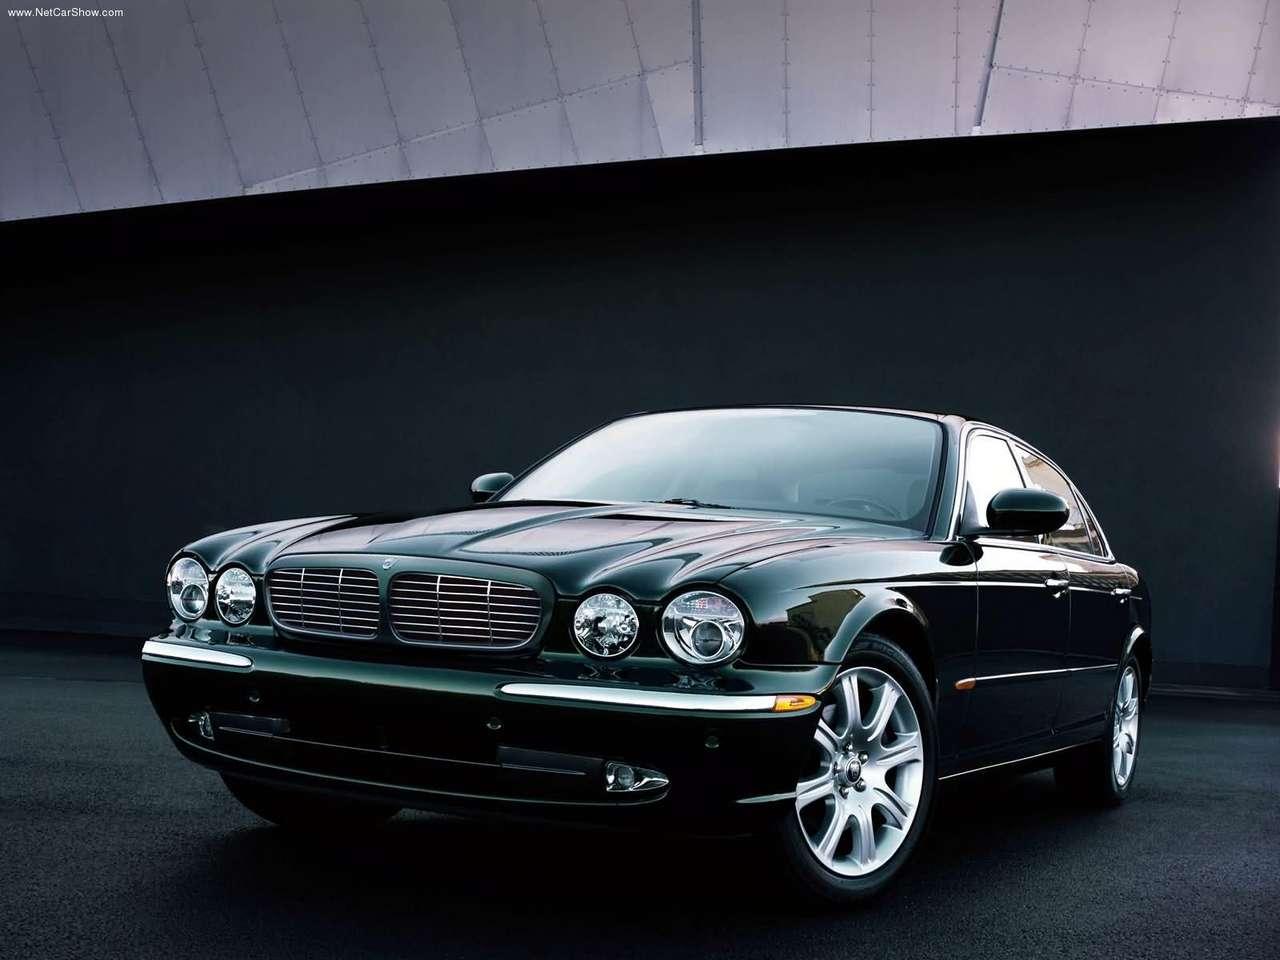 http://4.bp.blogspot.com/-nxa2Ks8PJ9c/TZlk0jT2UrI/AAAAAAAAChU/nqDMP4sVGyo/s1600/Jaguar-XJ8_L_2005_1280x960_wallpaper_02.jpg